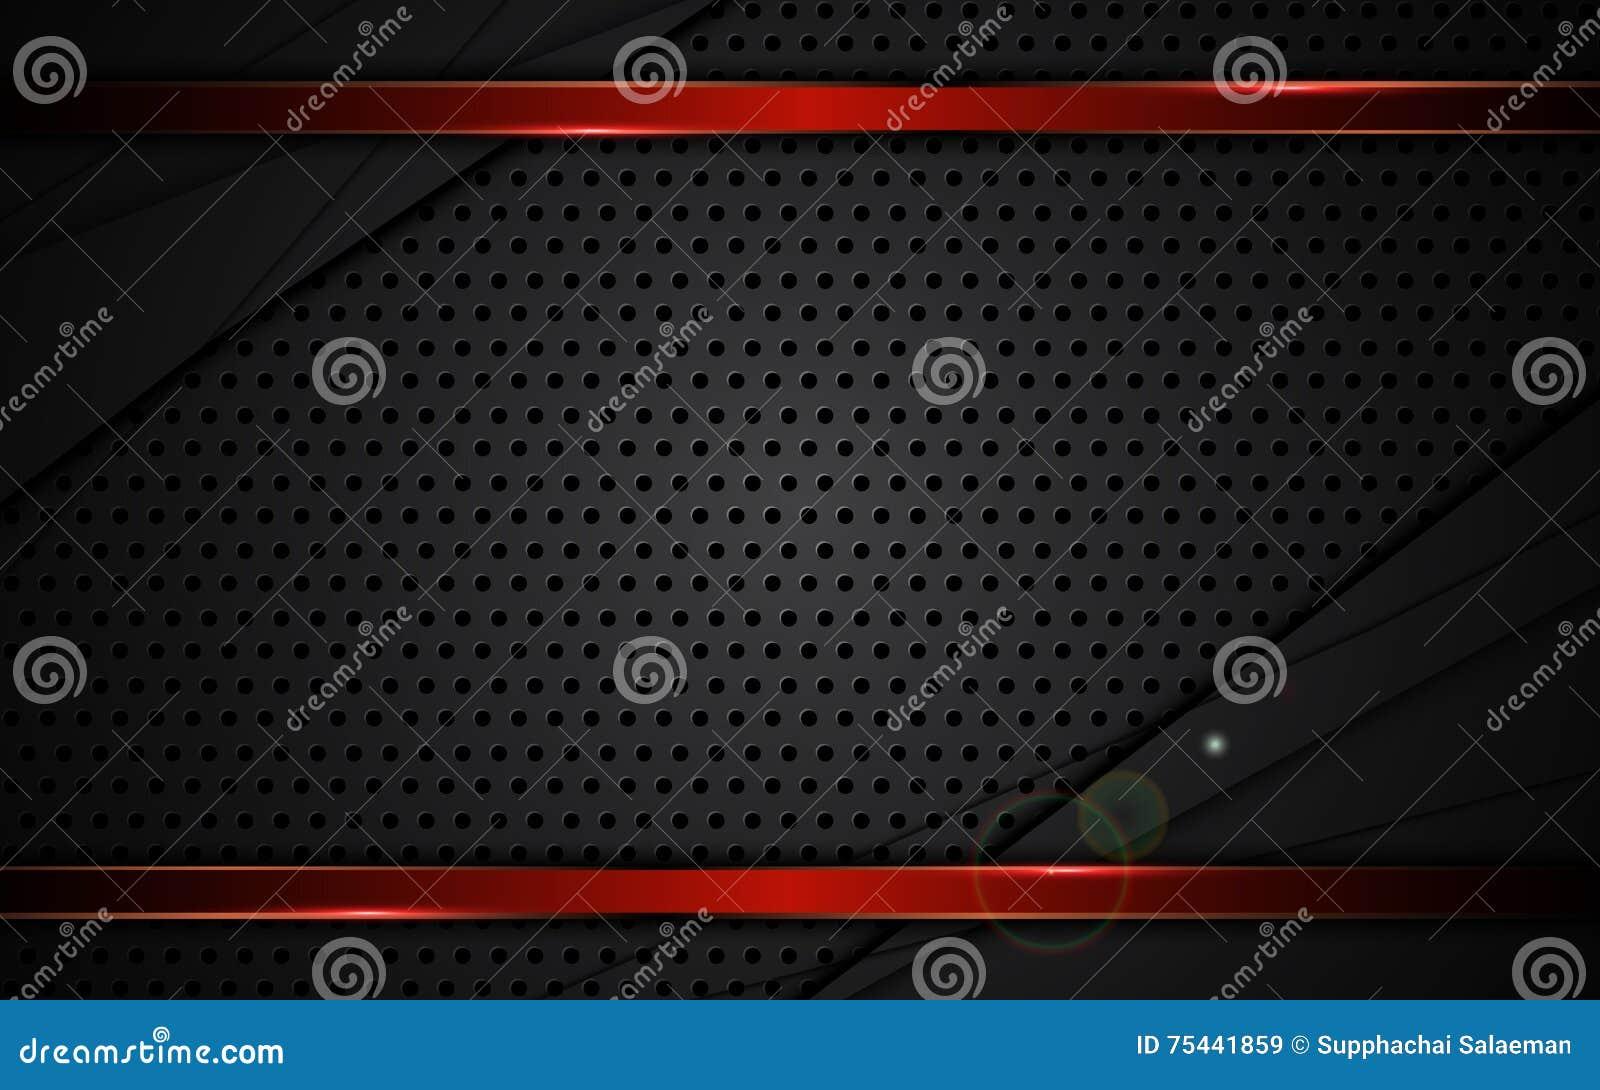 Os esportes metálicos vermelhos do fundo do quadro da textura de aço abstrata projetam